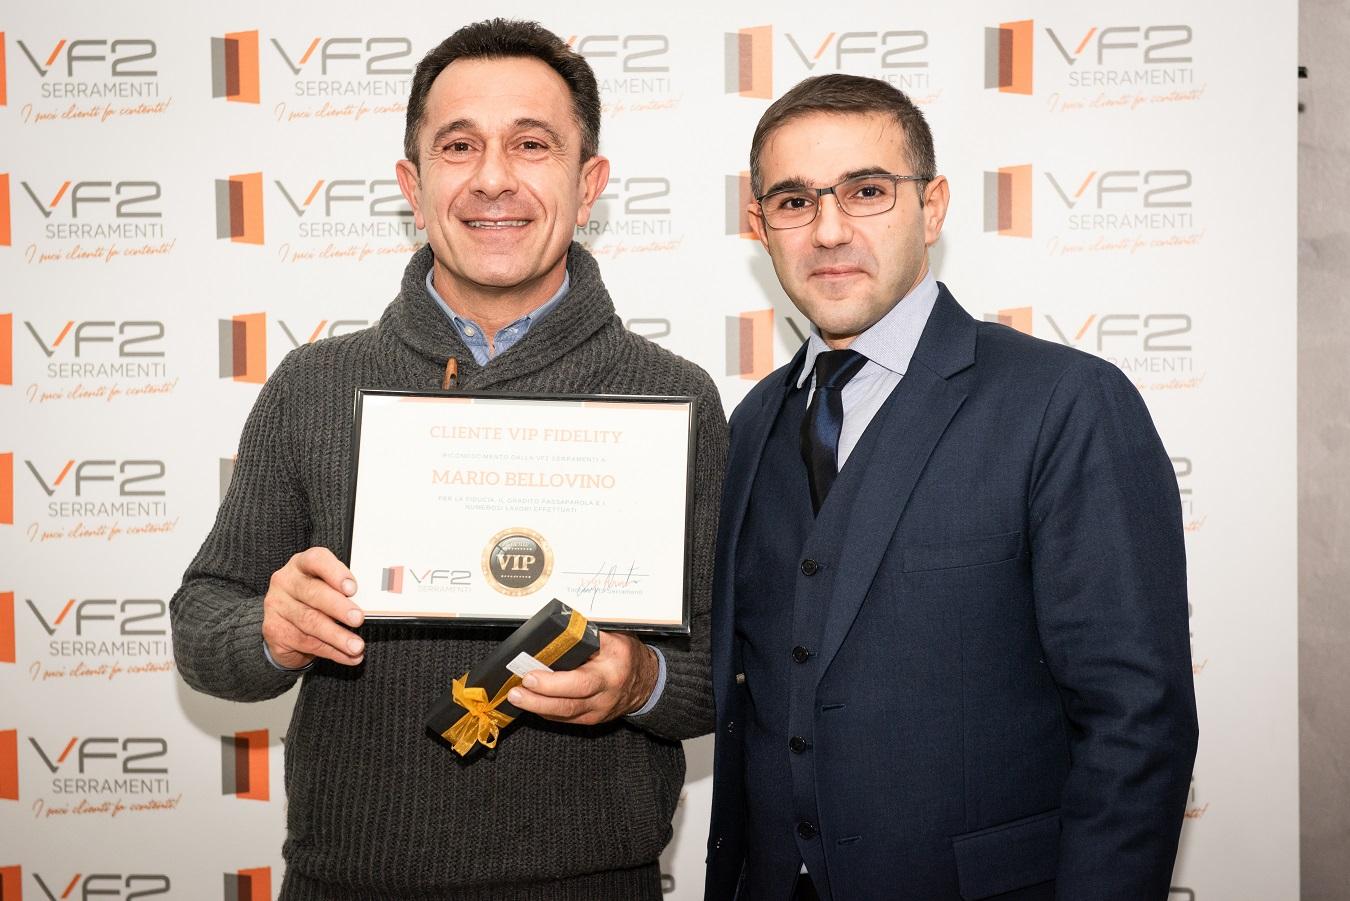 Vf2 Serramenti Riconoscimenti Mario Bellovino